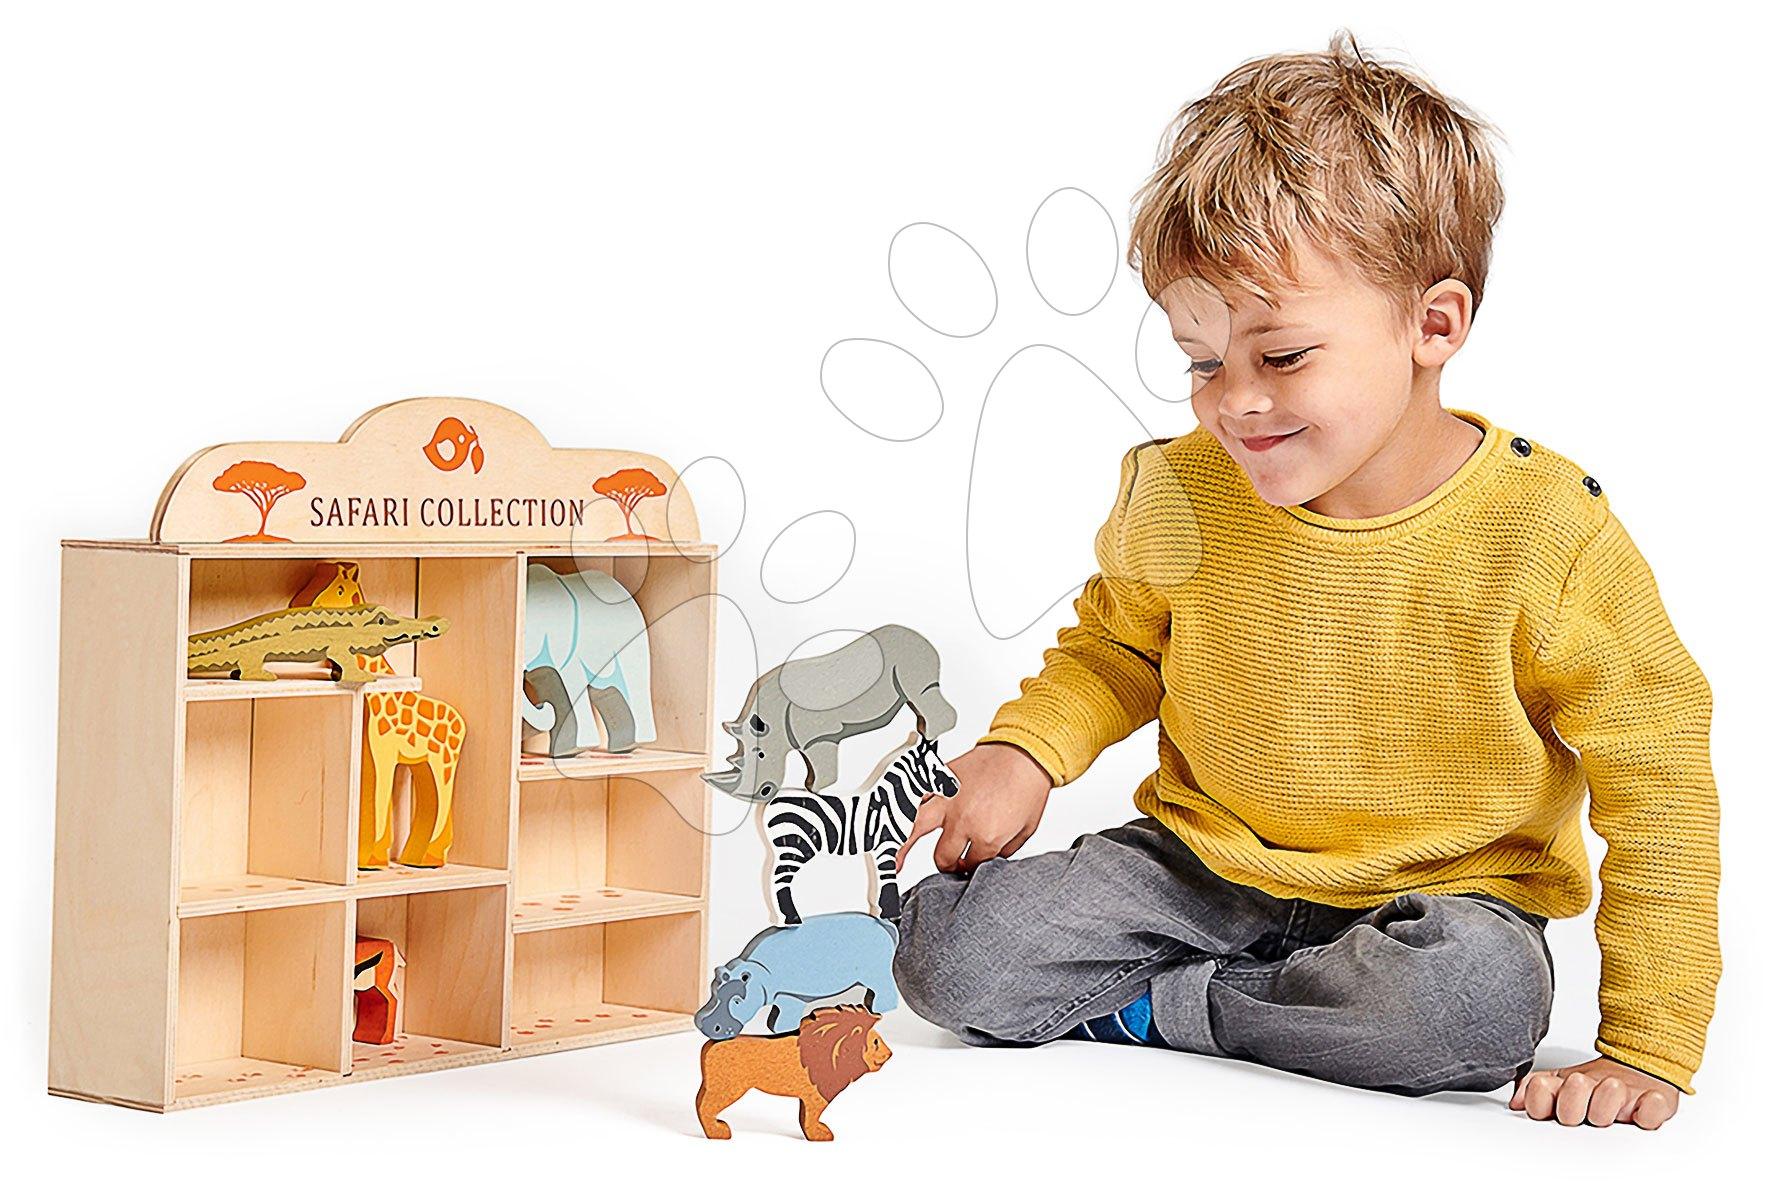 Drevené divoké zvieratká na poličke 8 ks Safari set Tender Leaf Toys krokodíl, slon, zebra, antilopa, žirafa, nosorožec, hroch, lev